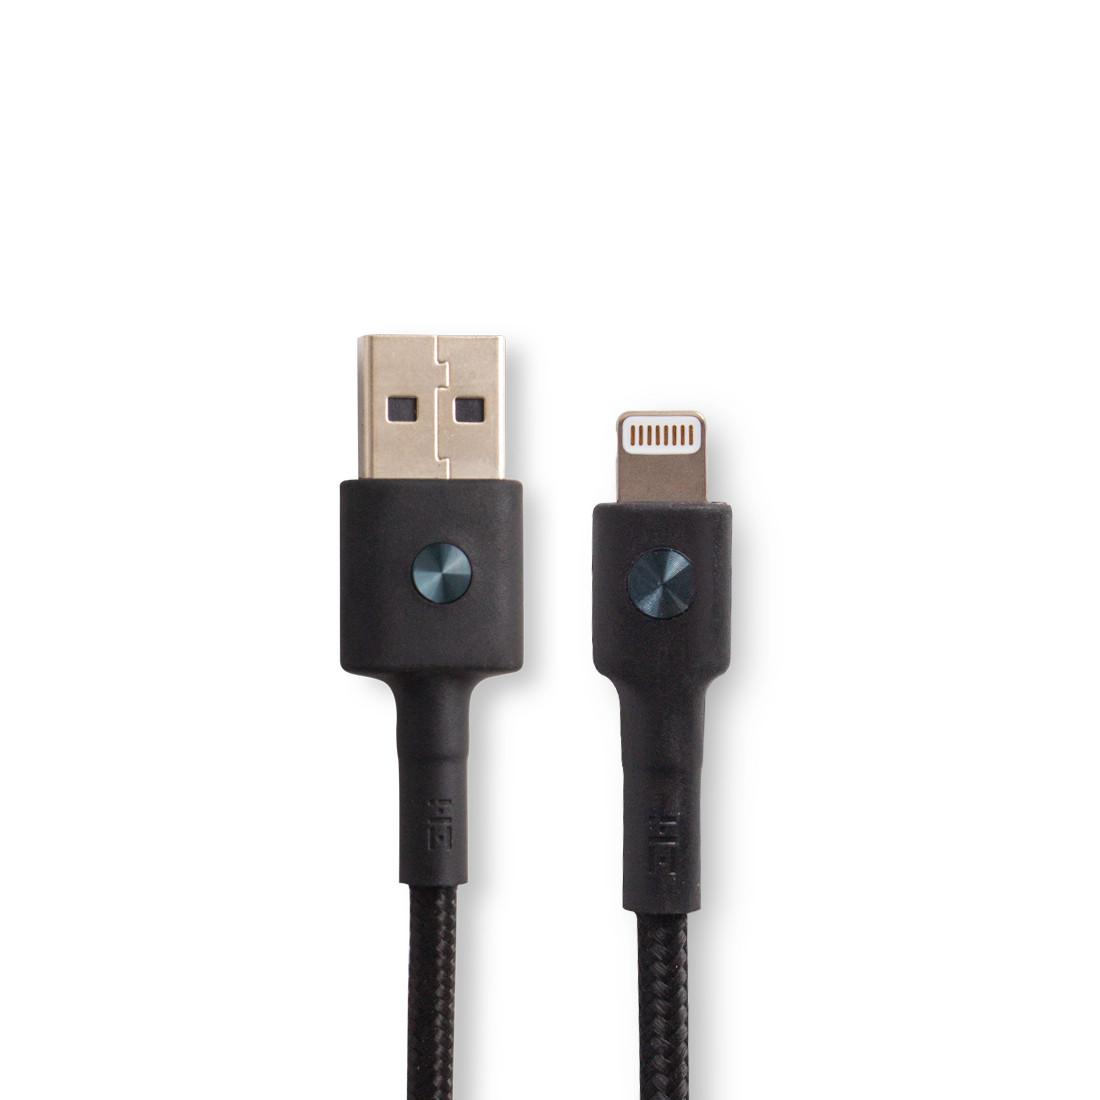 Интерфейсный Кабель USB/Lightning Xiaomi ZMI AL803/AL805 MFi 1м (чёрный)